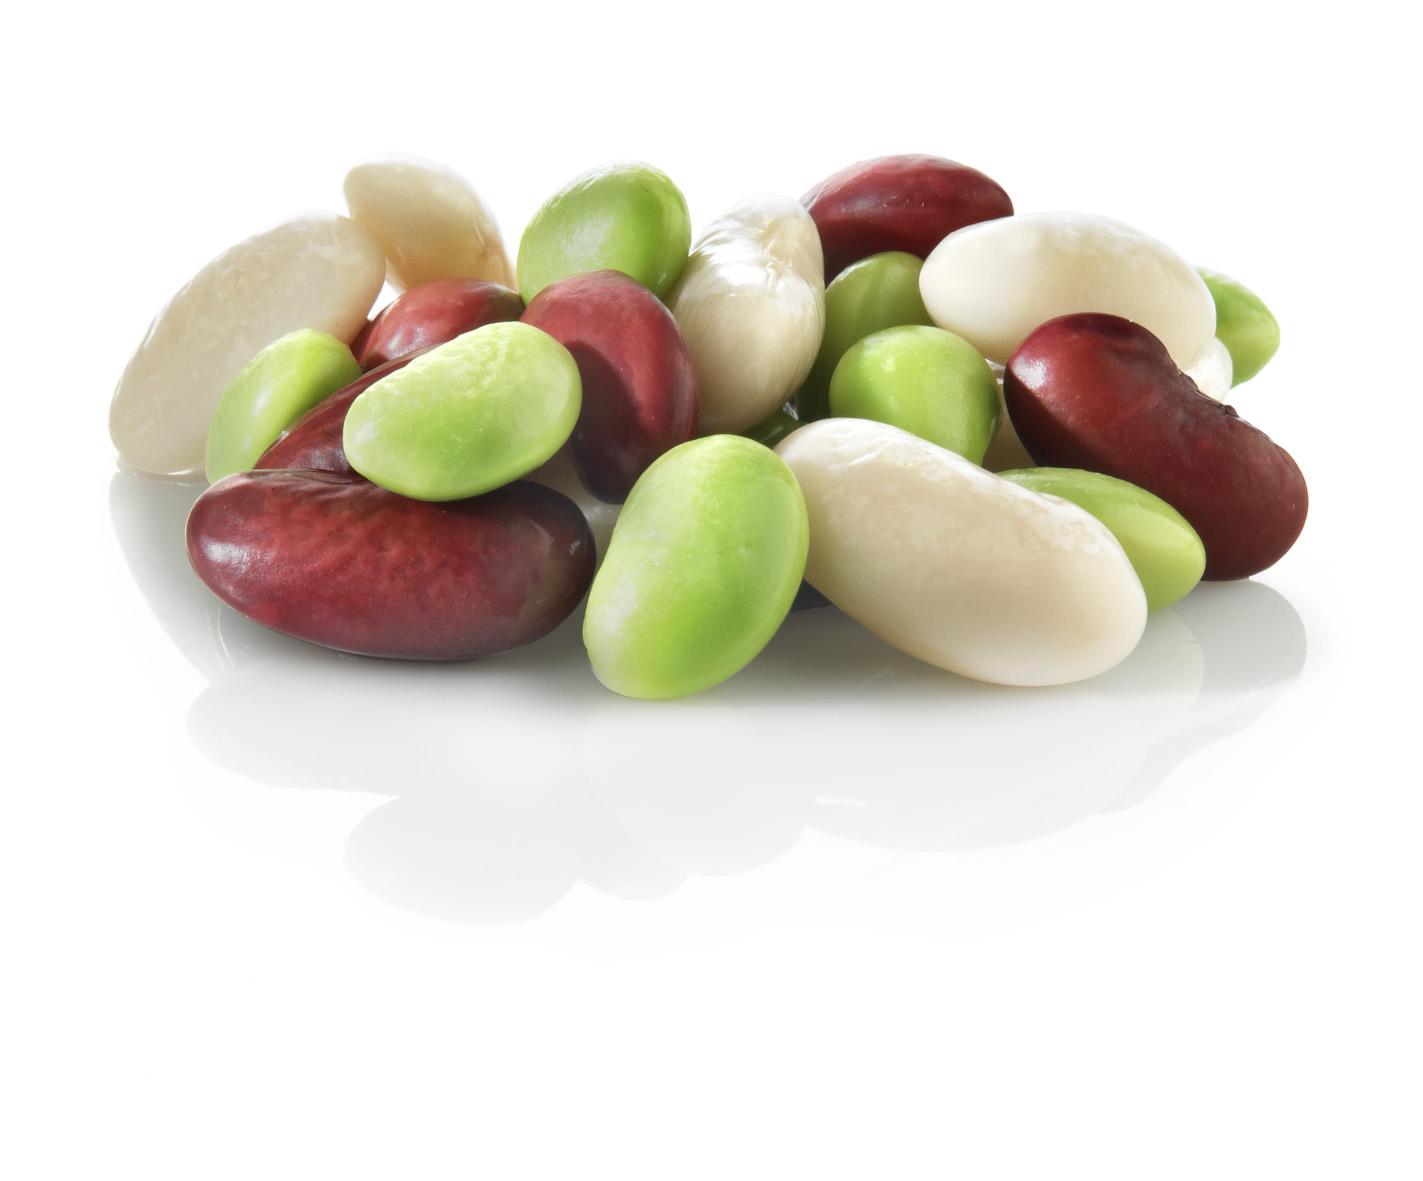 冷凍芸豆,速凍芸豆 7